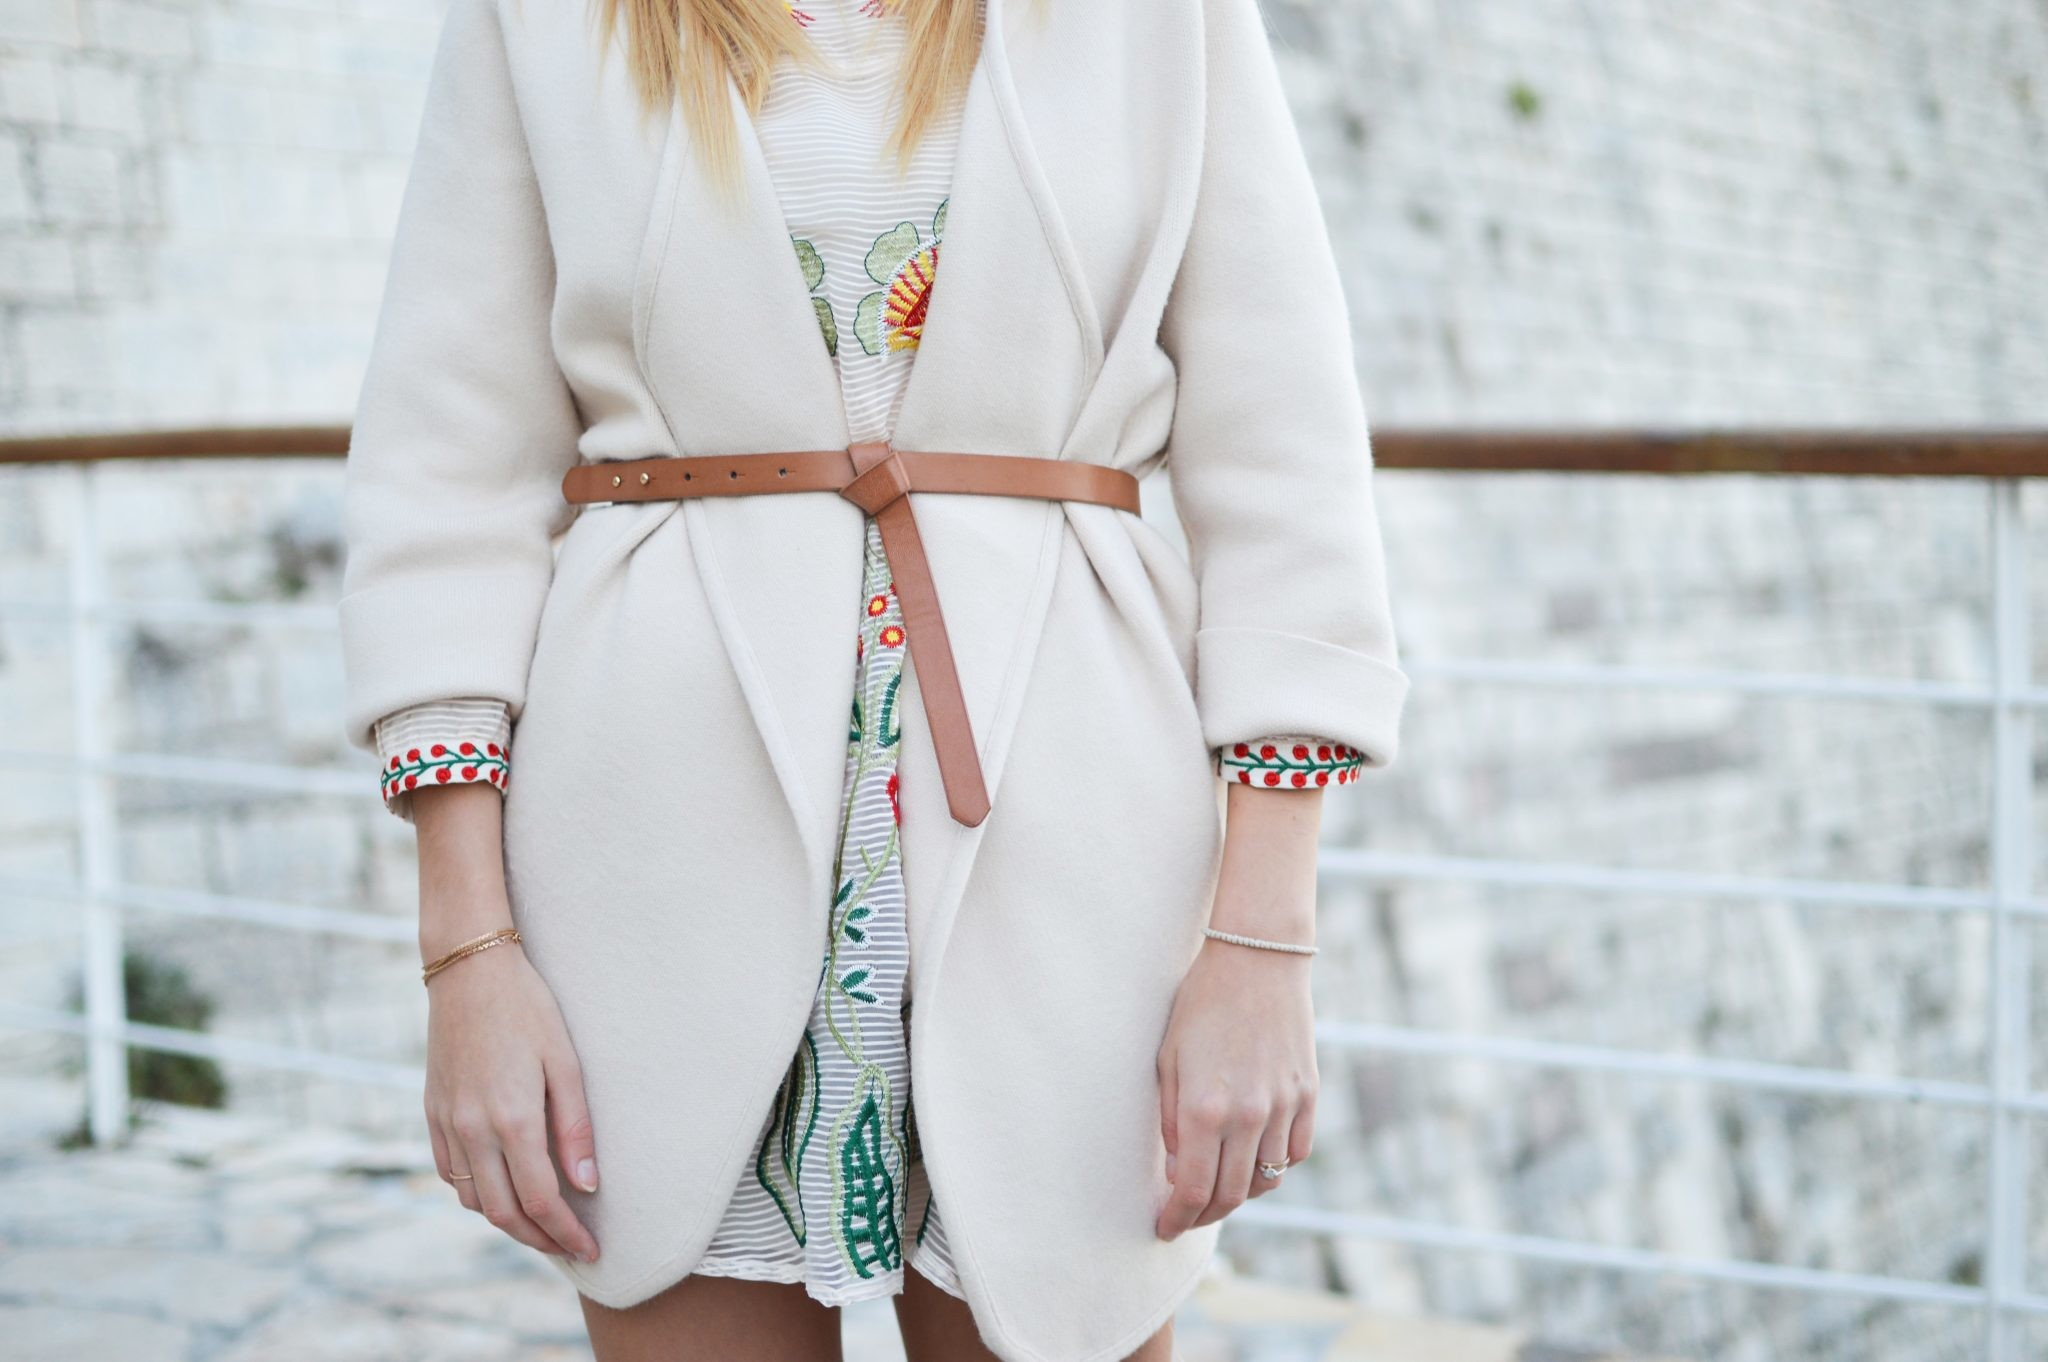 Вопрос стилисту: как подобрать базовый гардероб на осень?